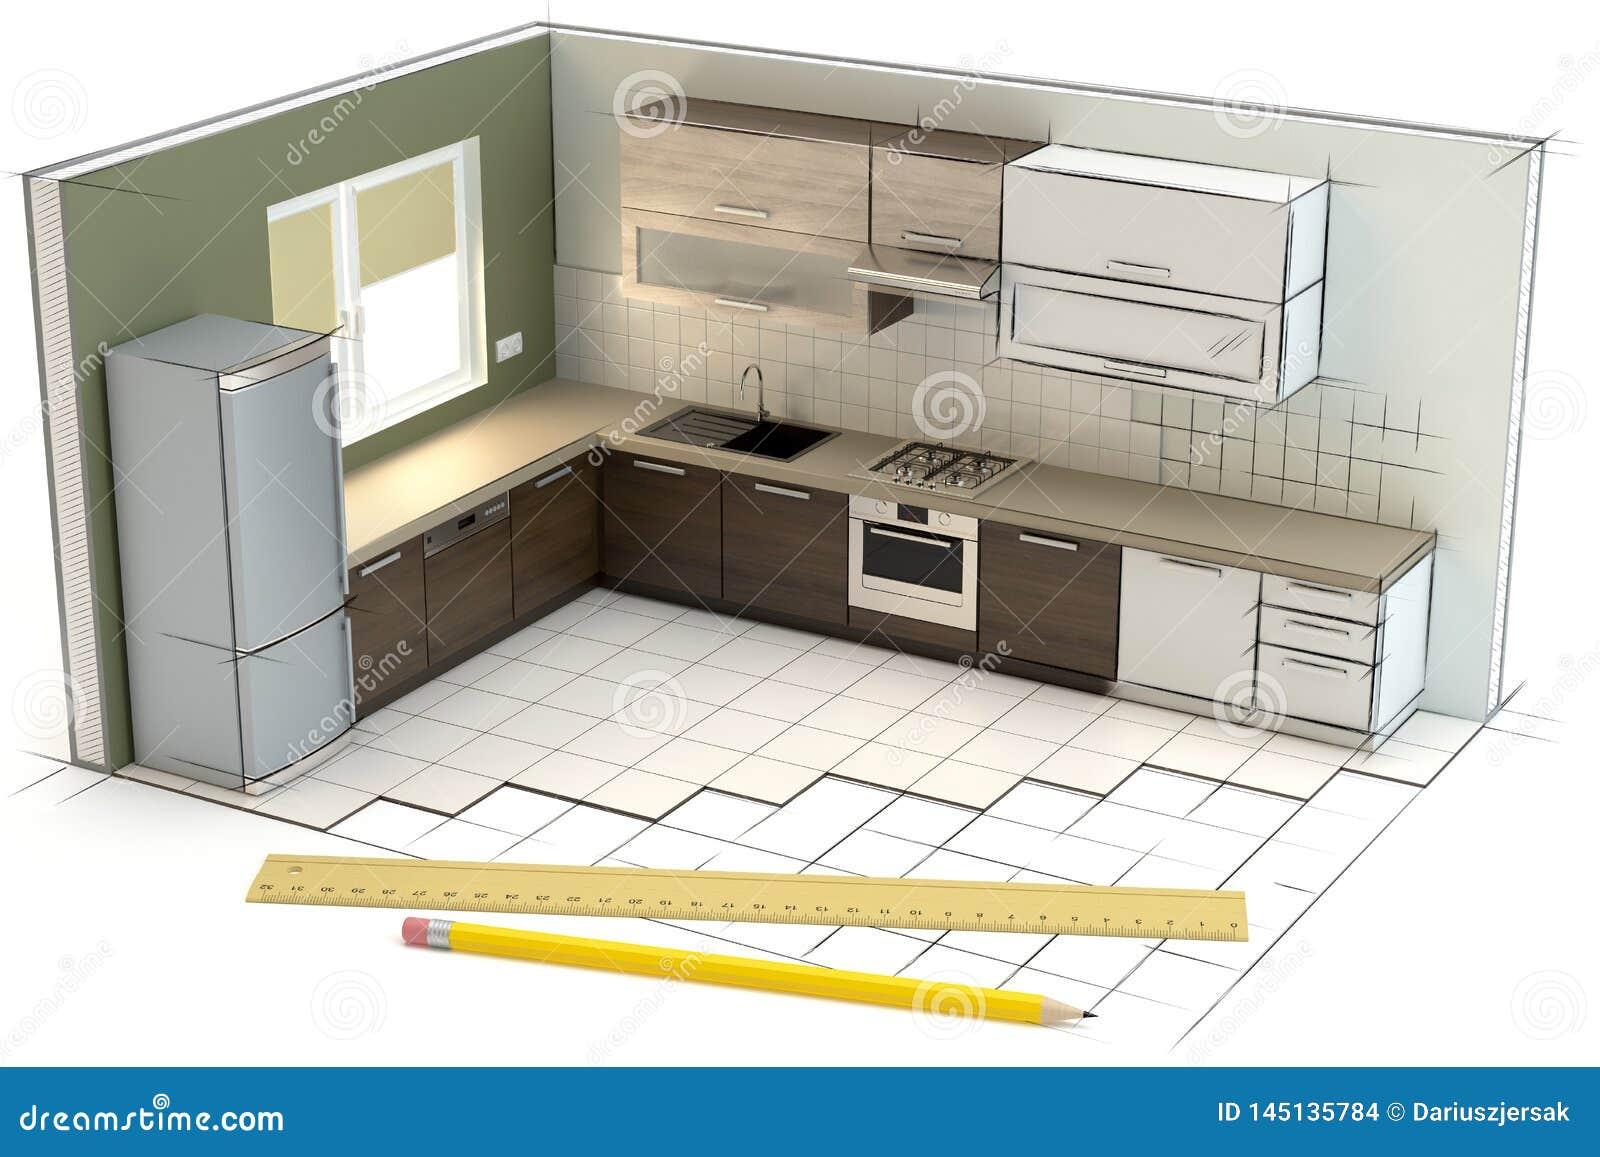 Projekt av köket, illustration 3D